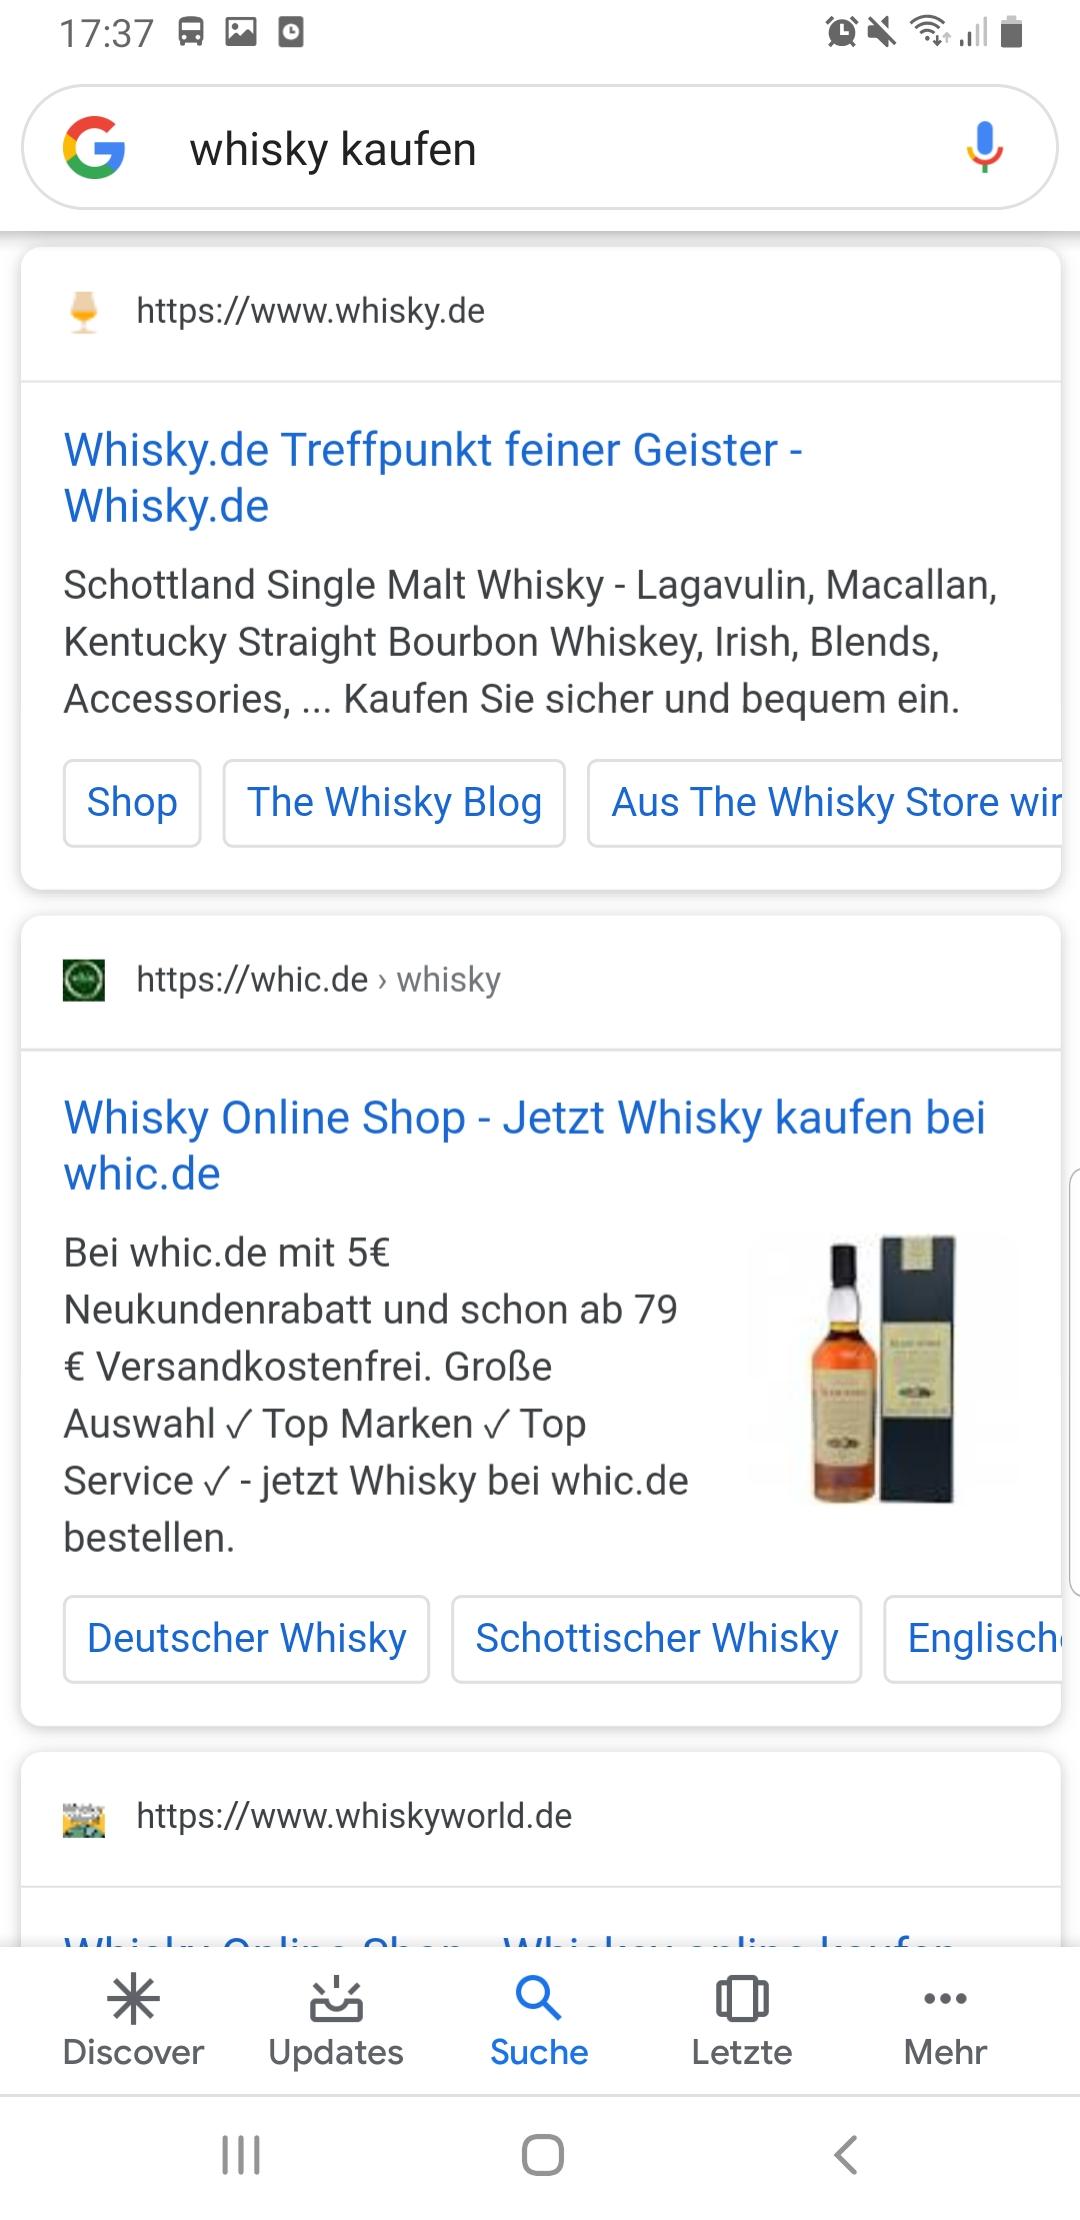 """Organische Suchergebnisse zu """"Whisky kaufen"""" haben keinen regionalen Bezug"""